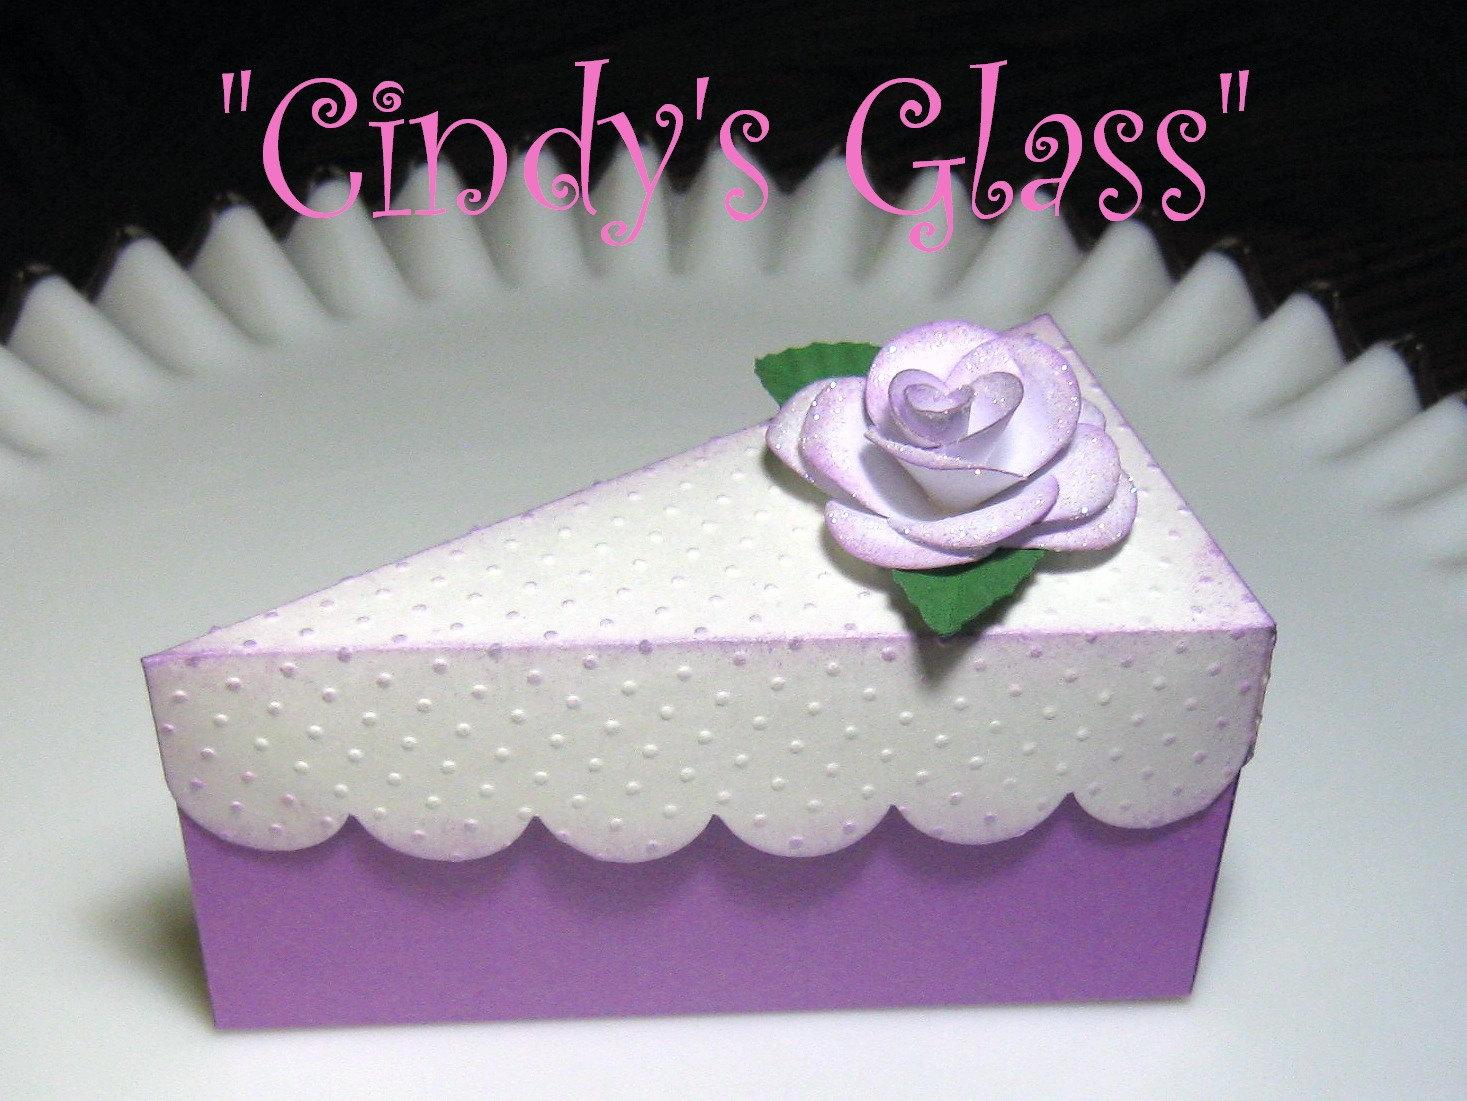 birthday cake slices treat boxes